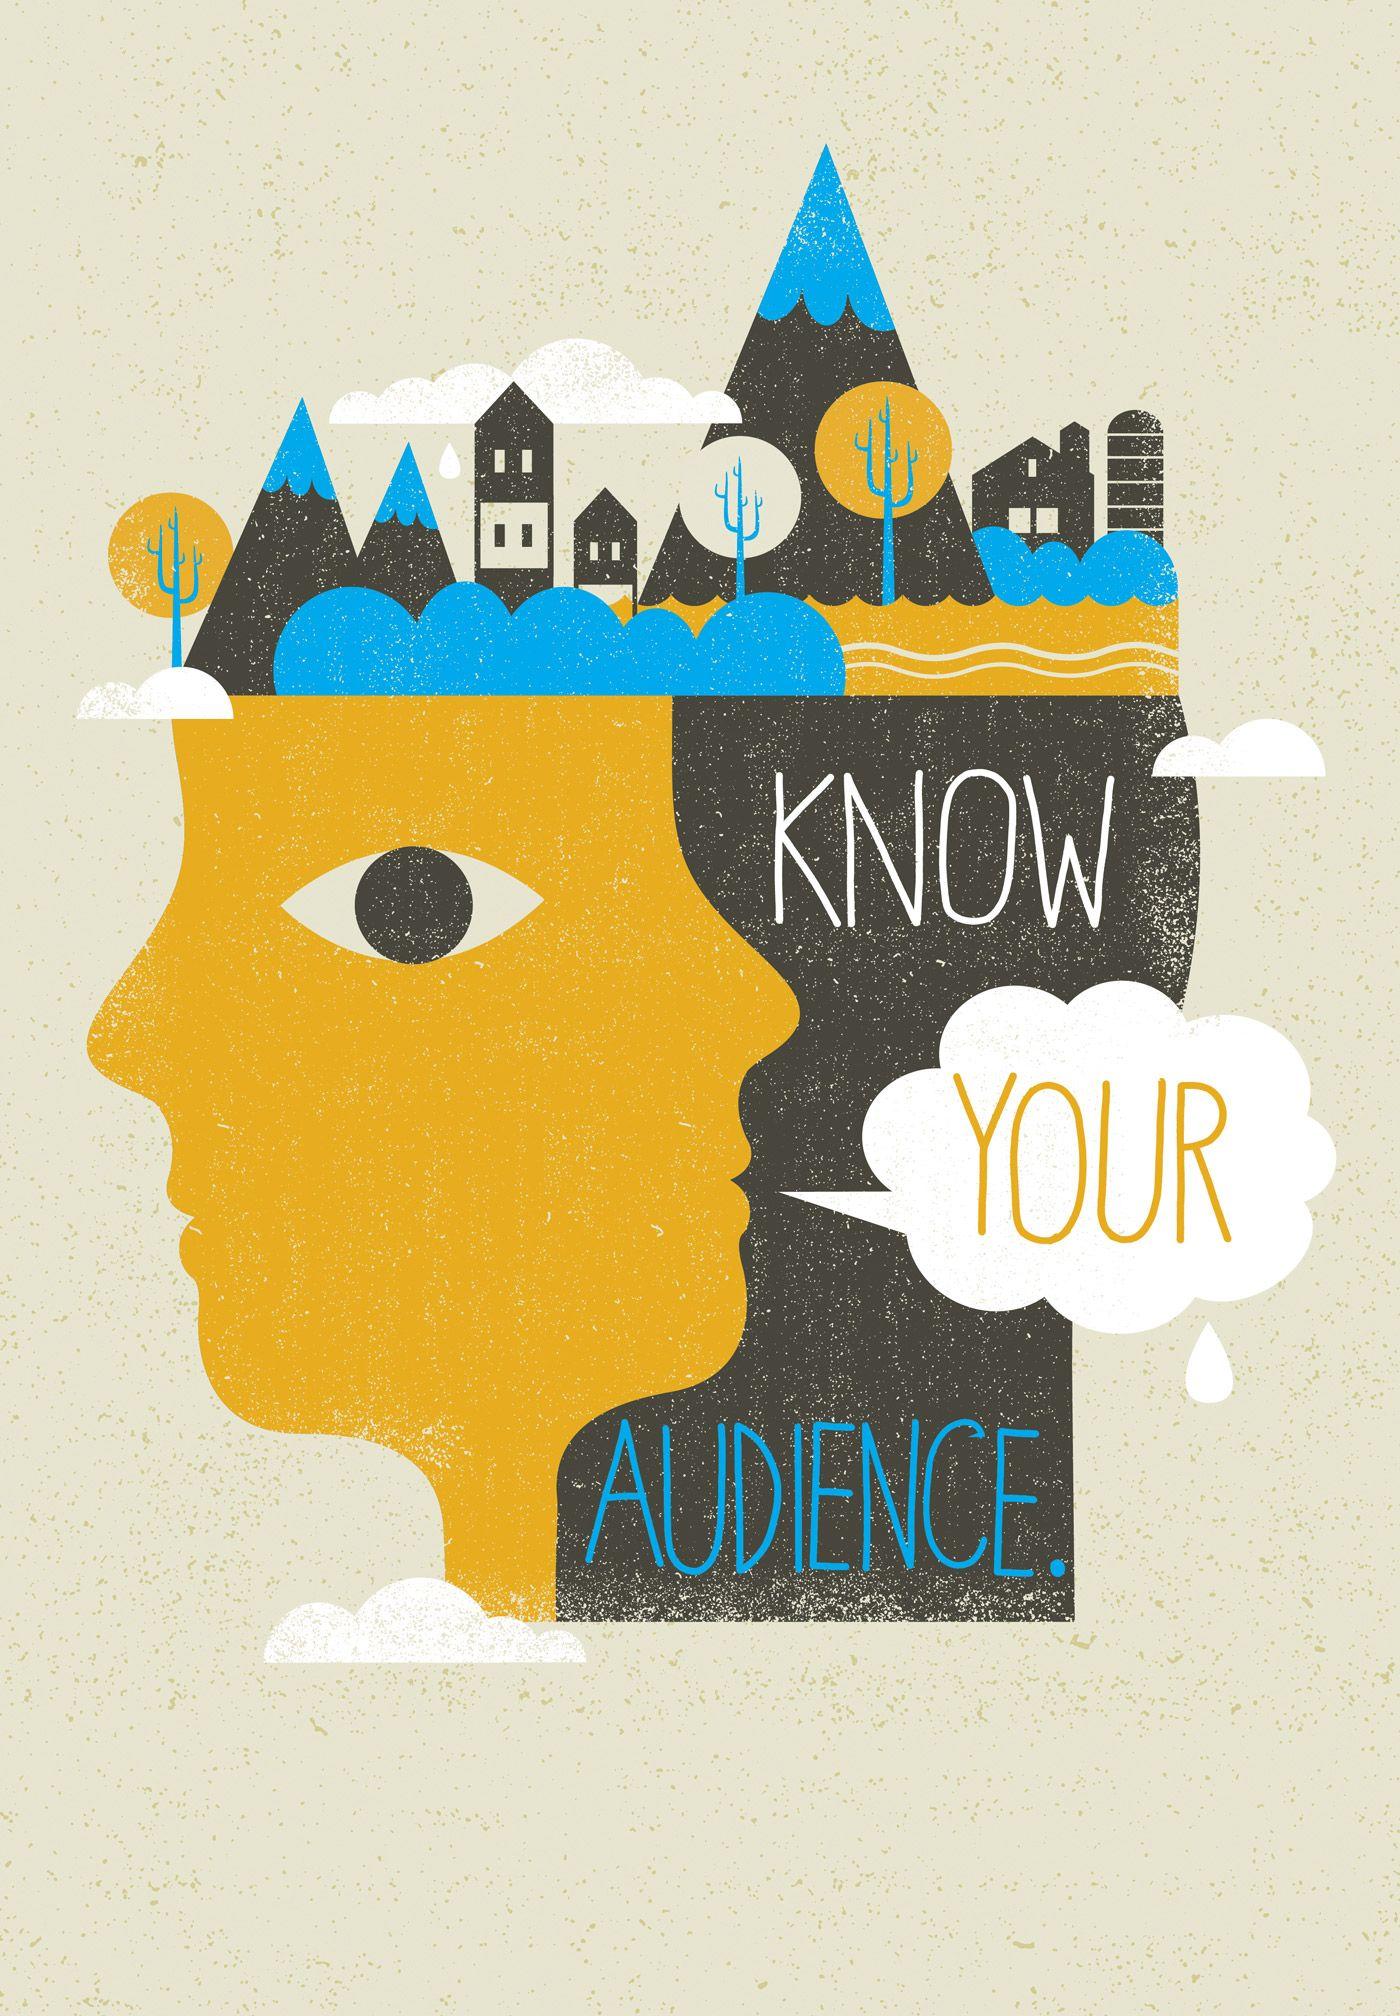 MTV Core Values | Tad Carpenter Creative | design inspiration ... for Creative Poster Designs Inspiration  303mzq